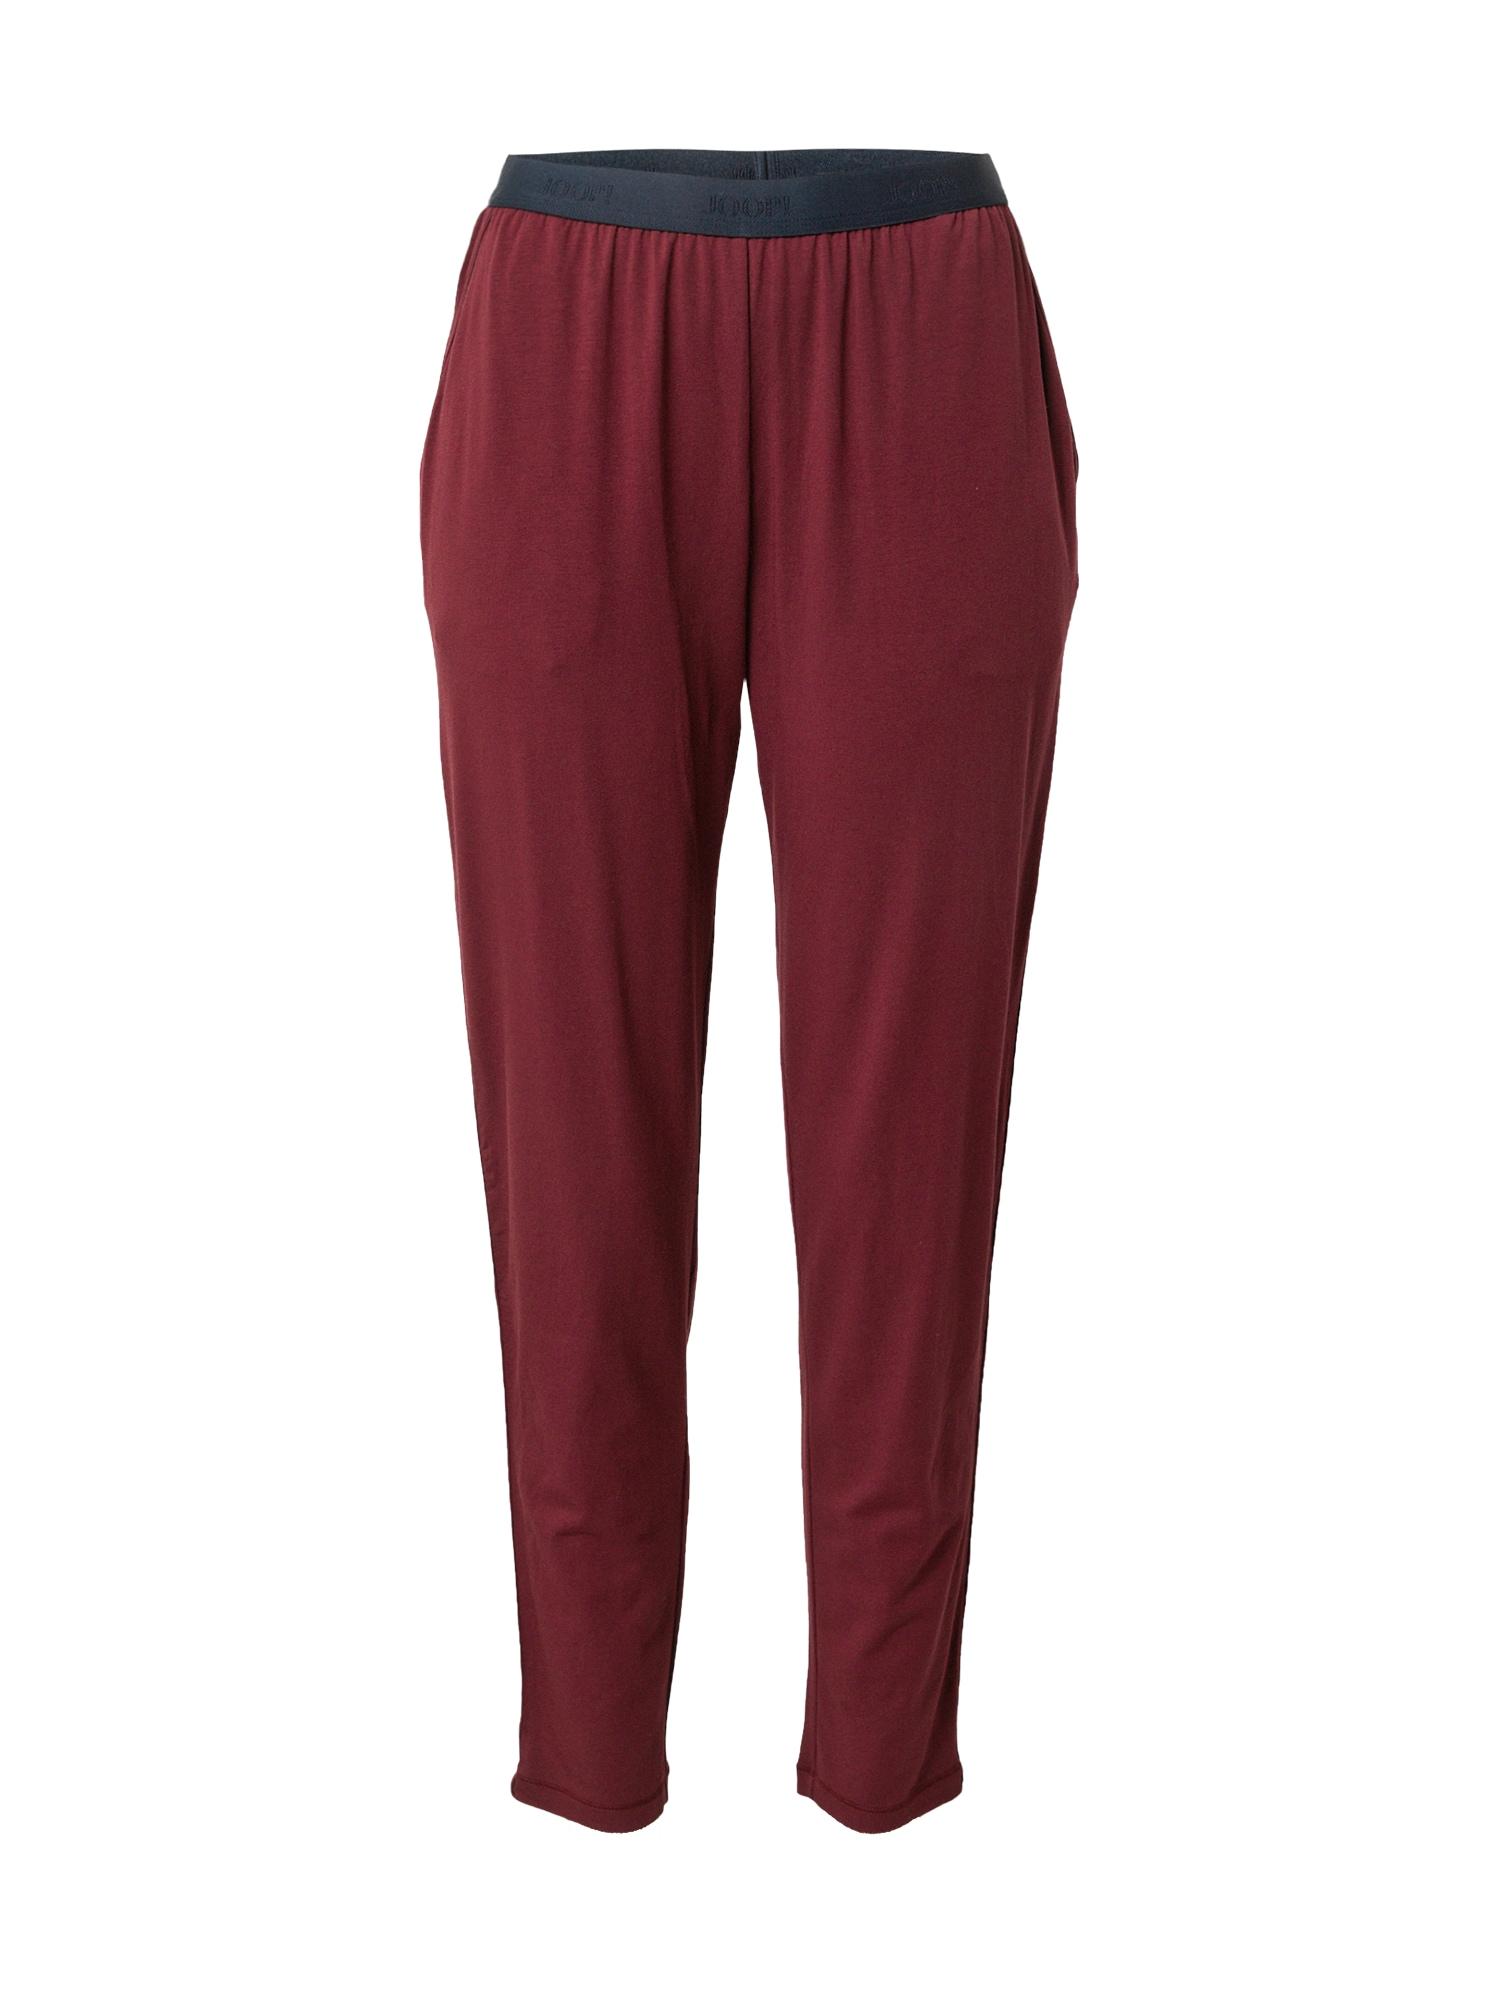 JOOP! Bodywear Pižaminės kelnės vyno raudona spalva / tamsiai mėlyna